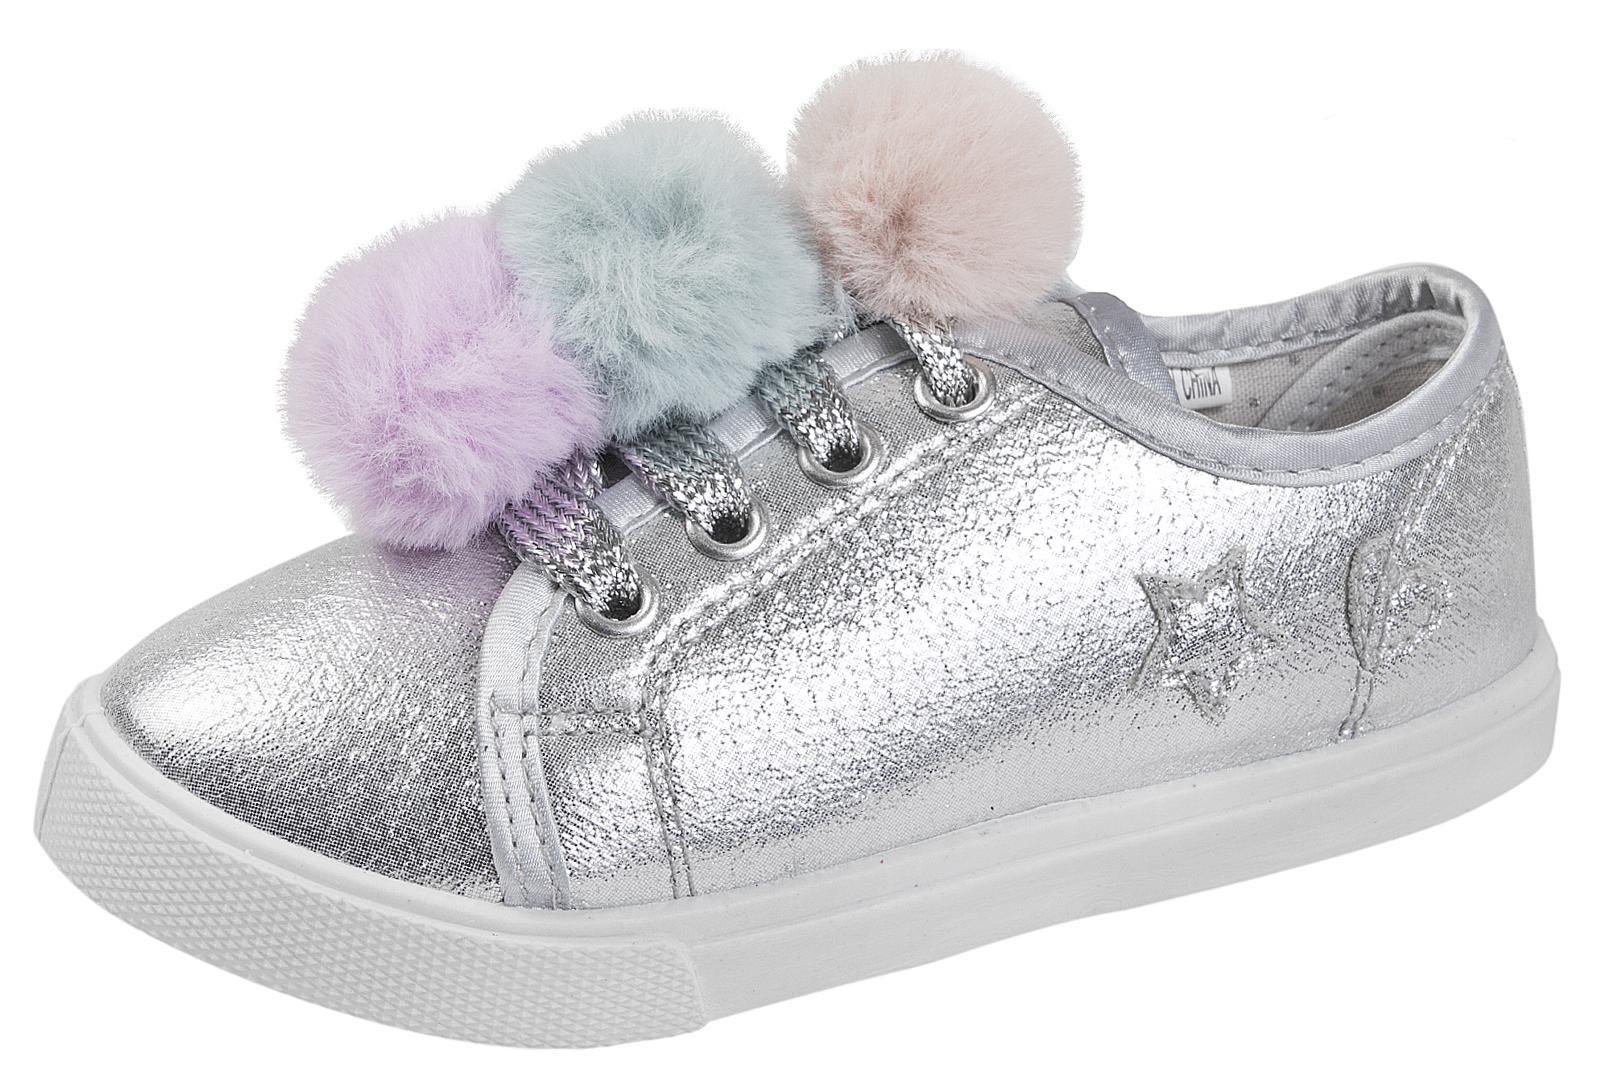 Buckle My Shoe Metallic Glitter Pom Pom